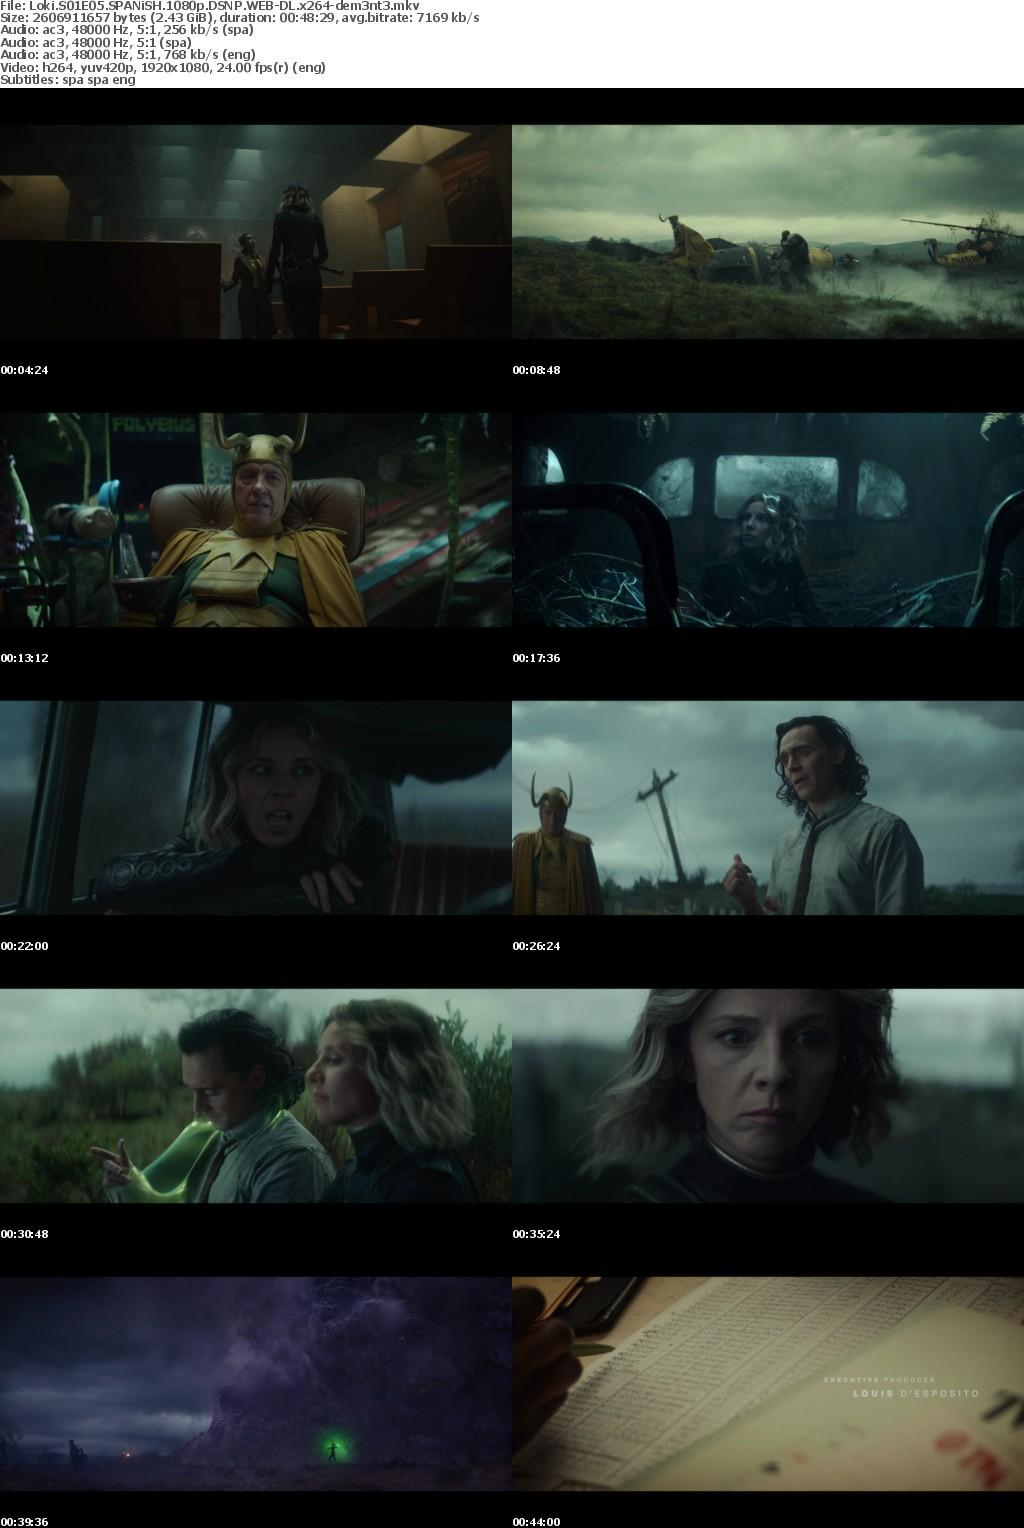 Loki S01E05 SPANiSH 1080p DSNP WEB-DL x264-dem3nt3